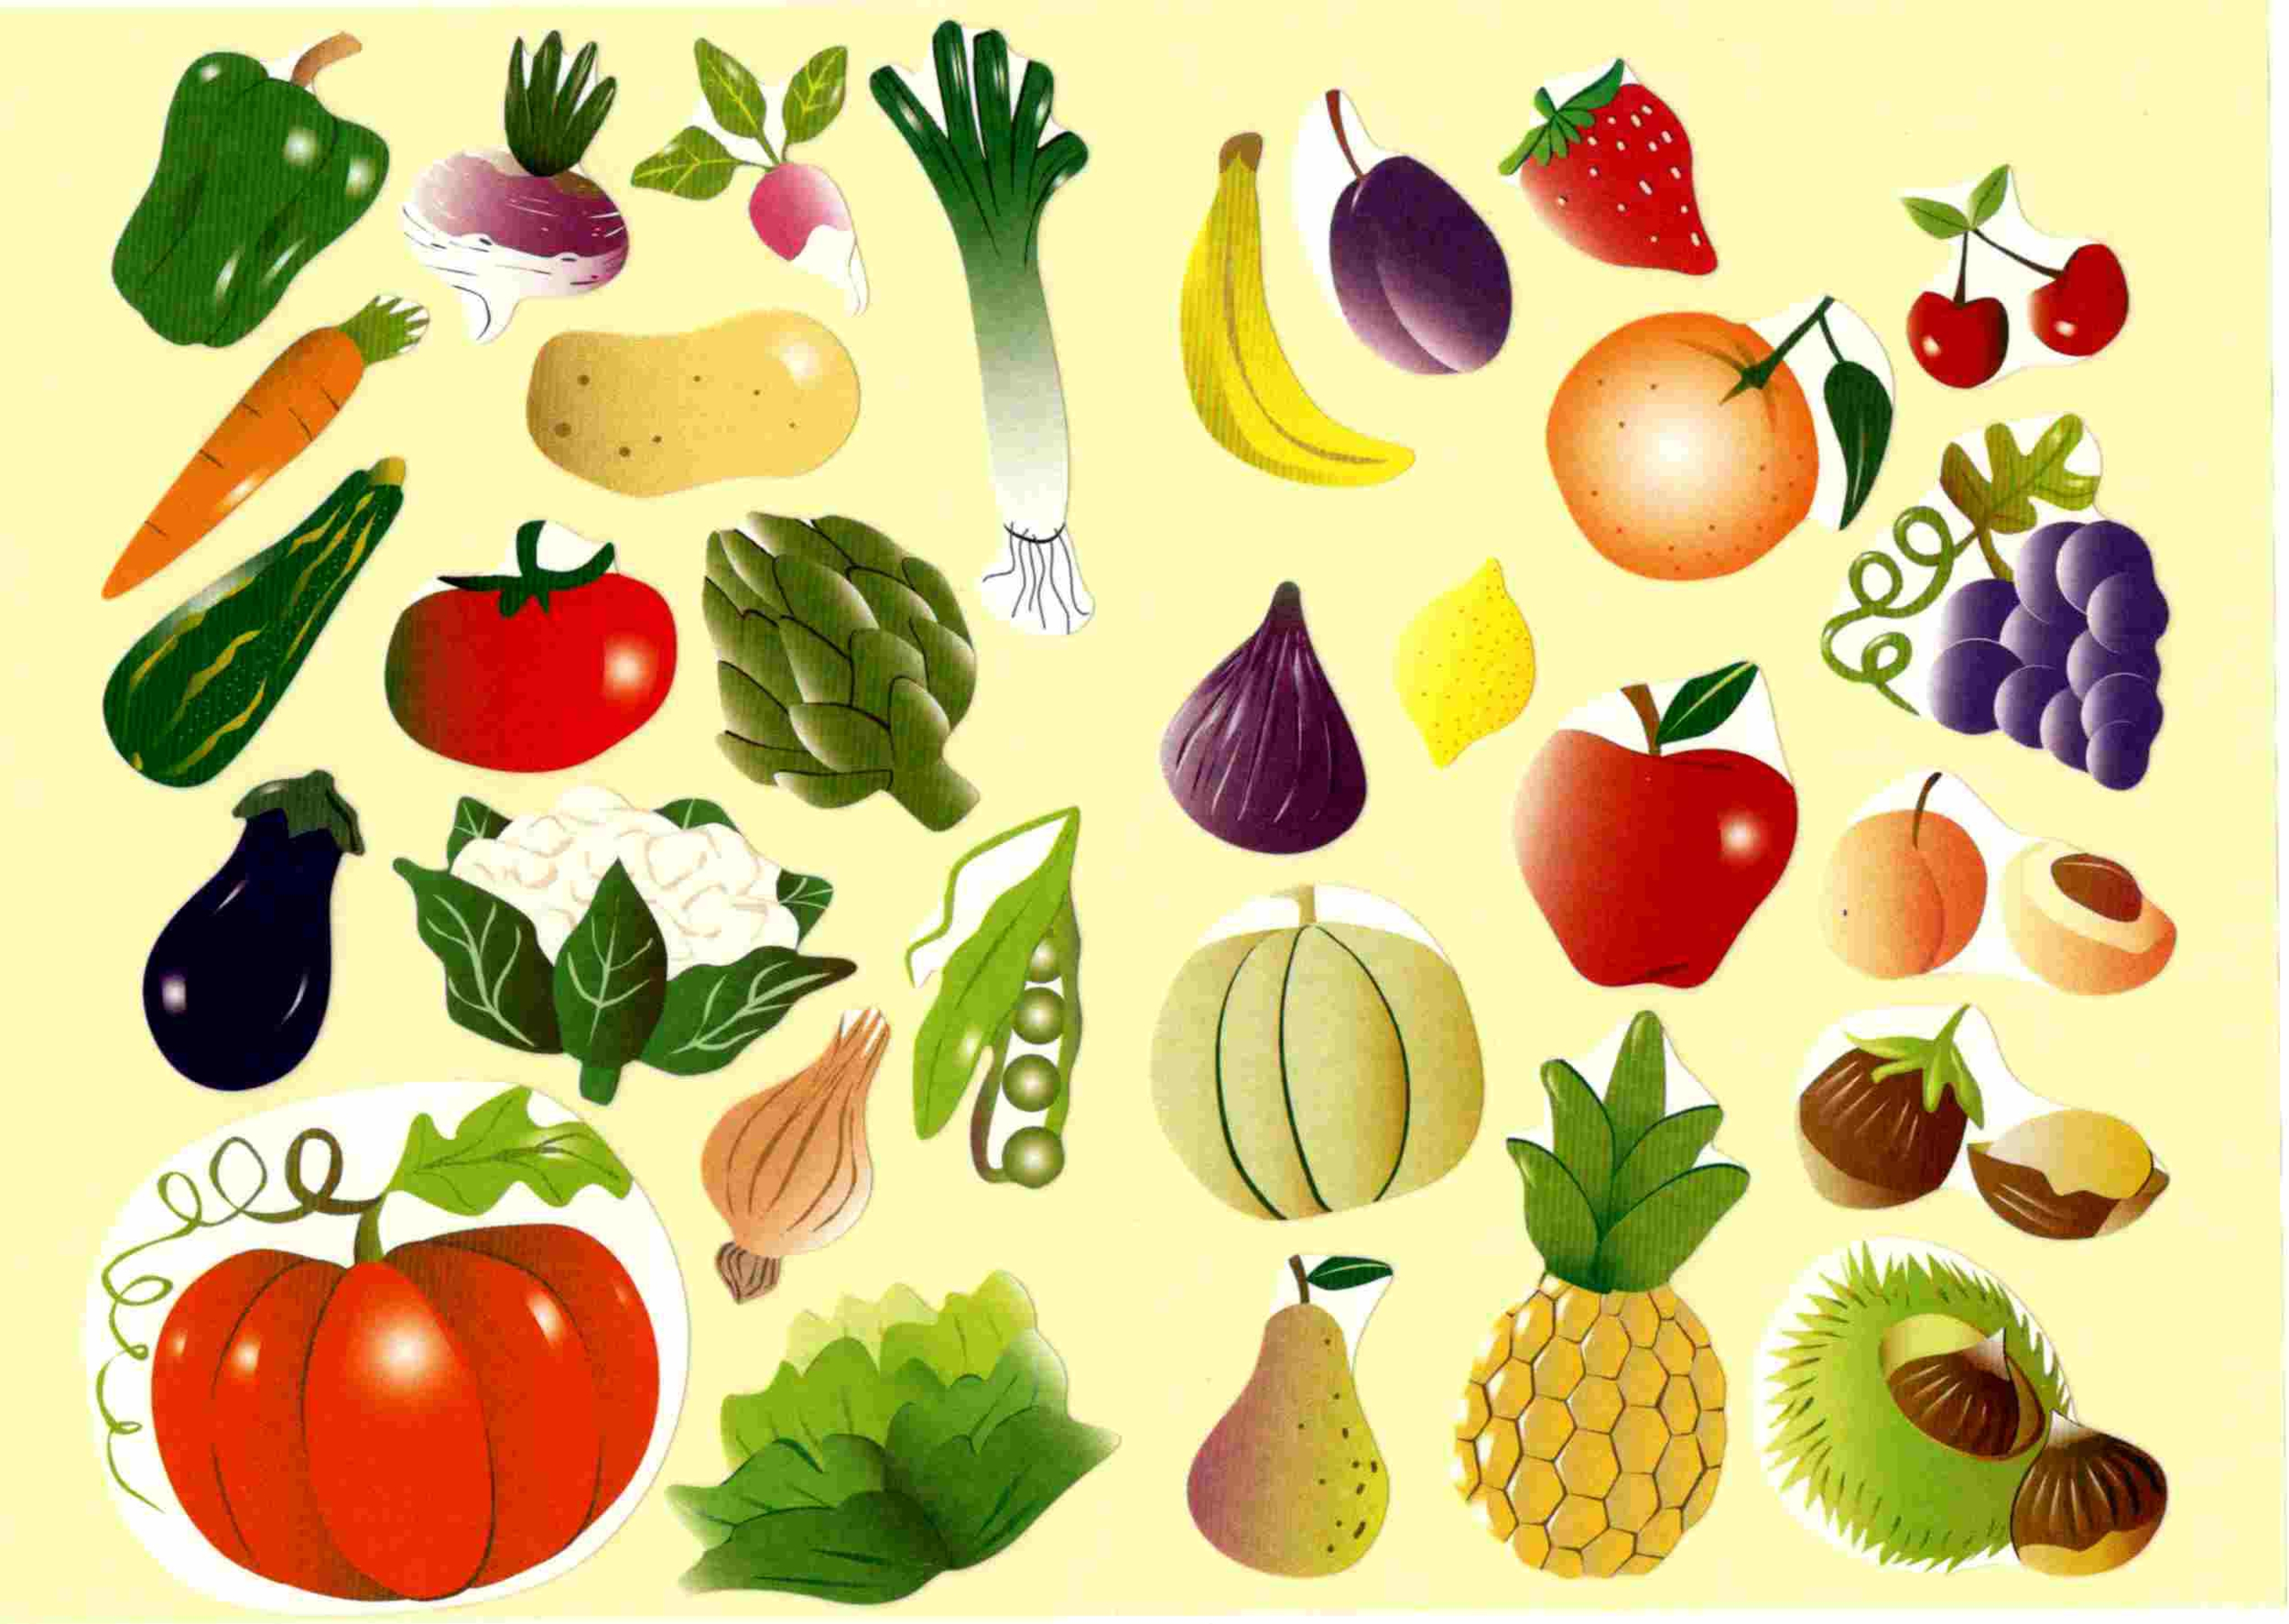 Gommettes fruits 16x21cm gommettes fleurs fruits et l gumes - Fruits et legumes aout ...